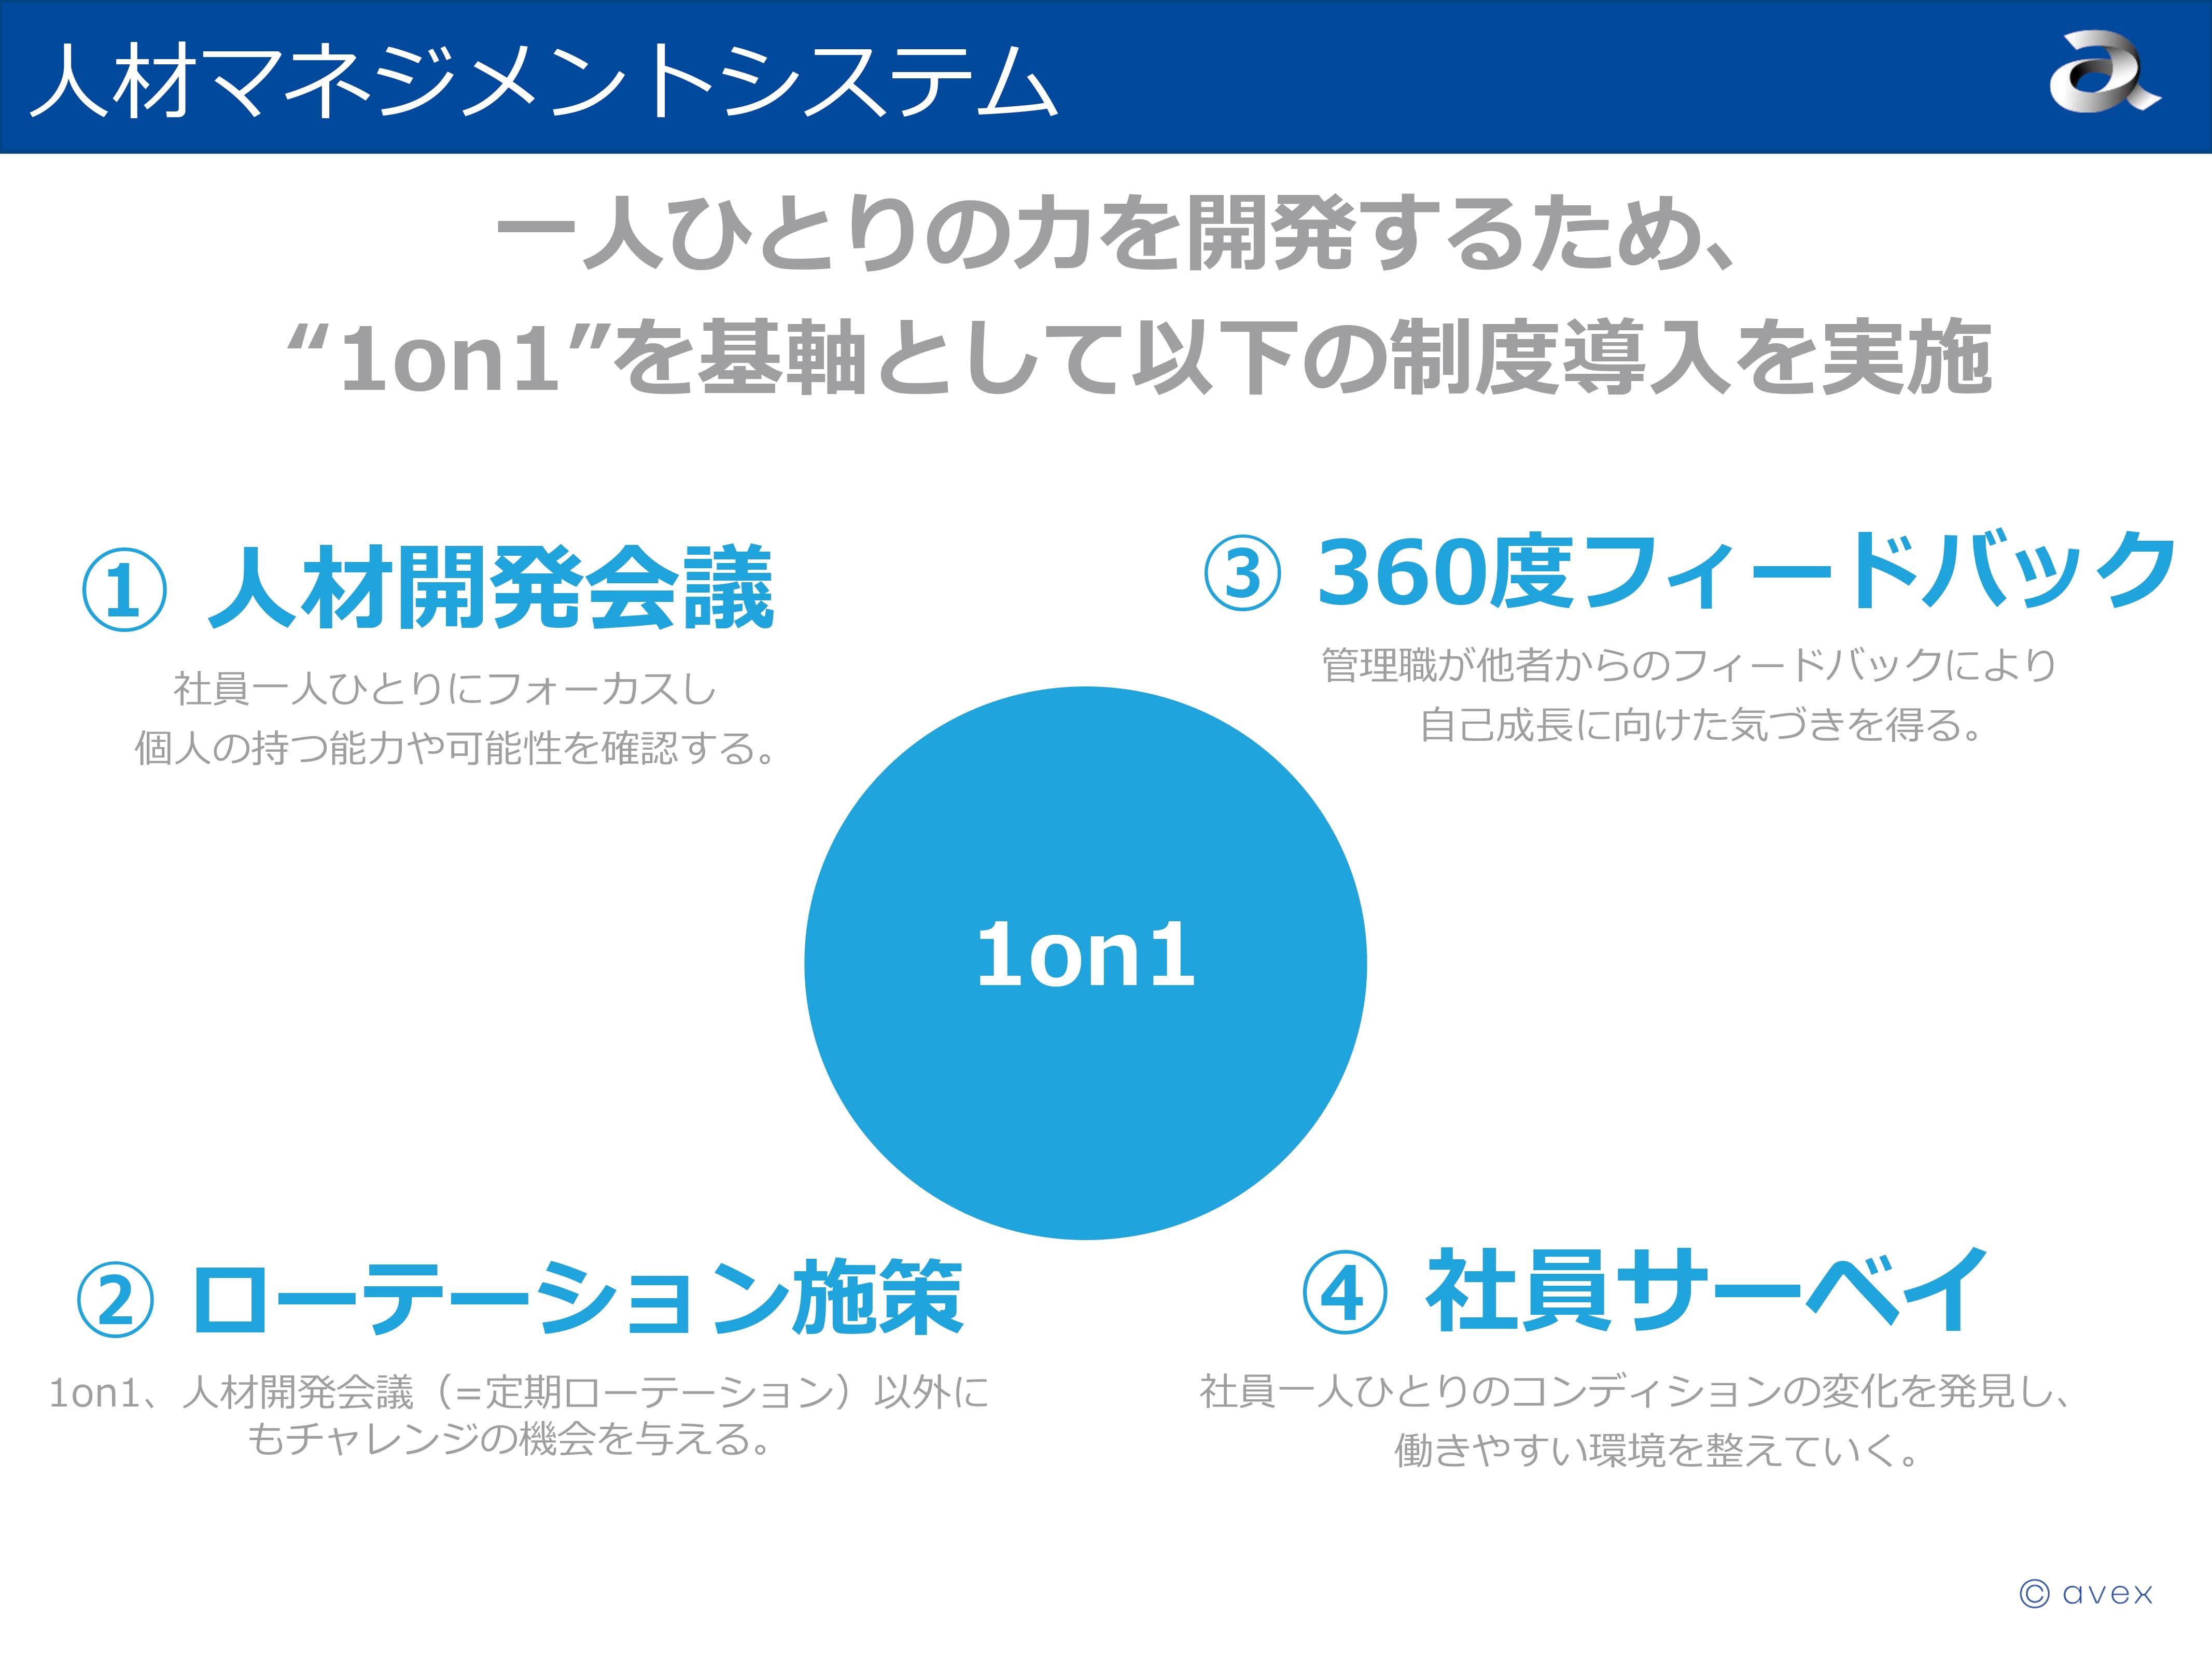 「1on1」を組織改革のキーポイント